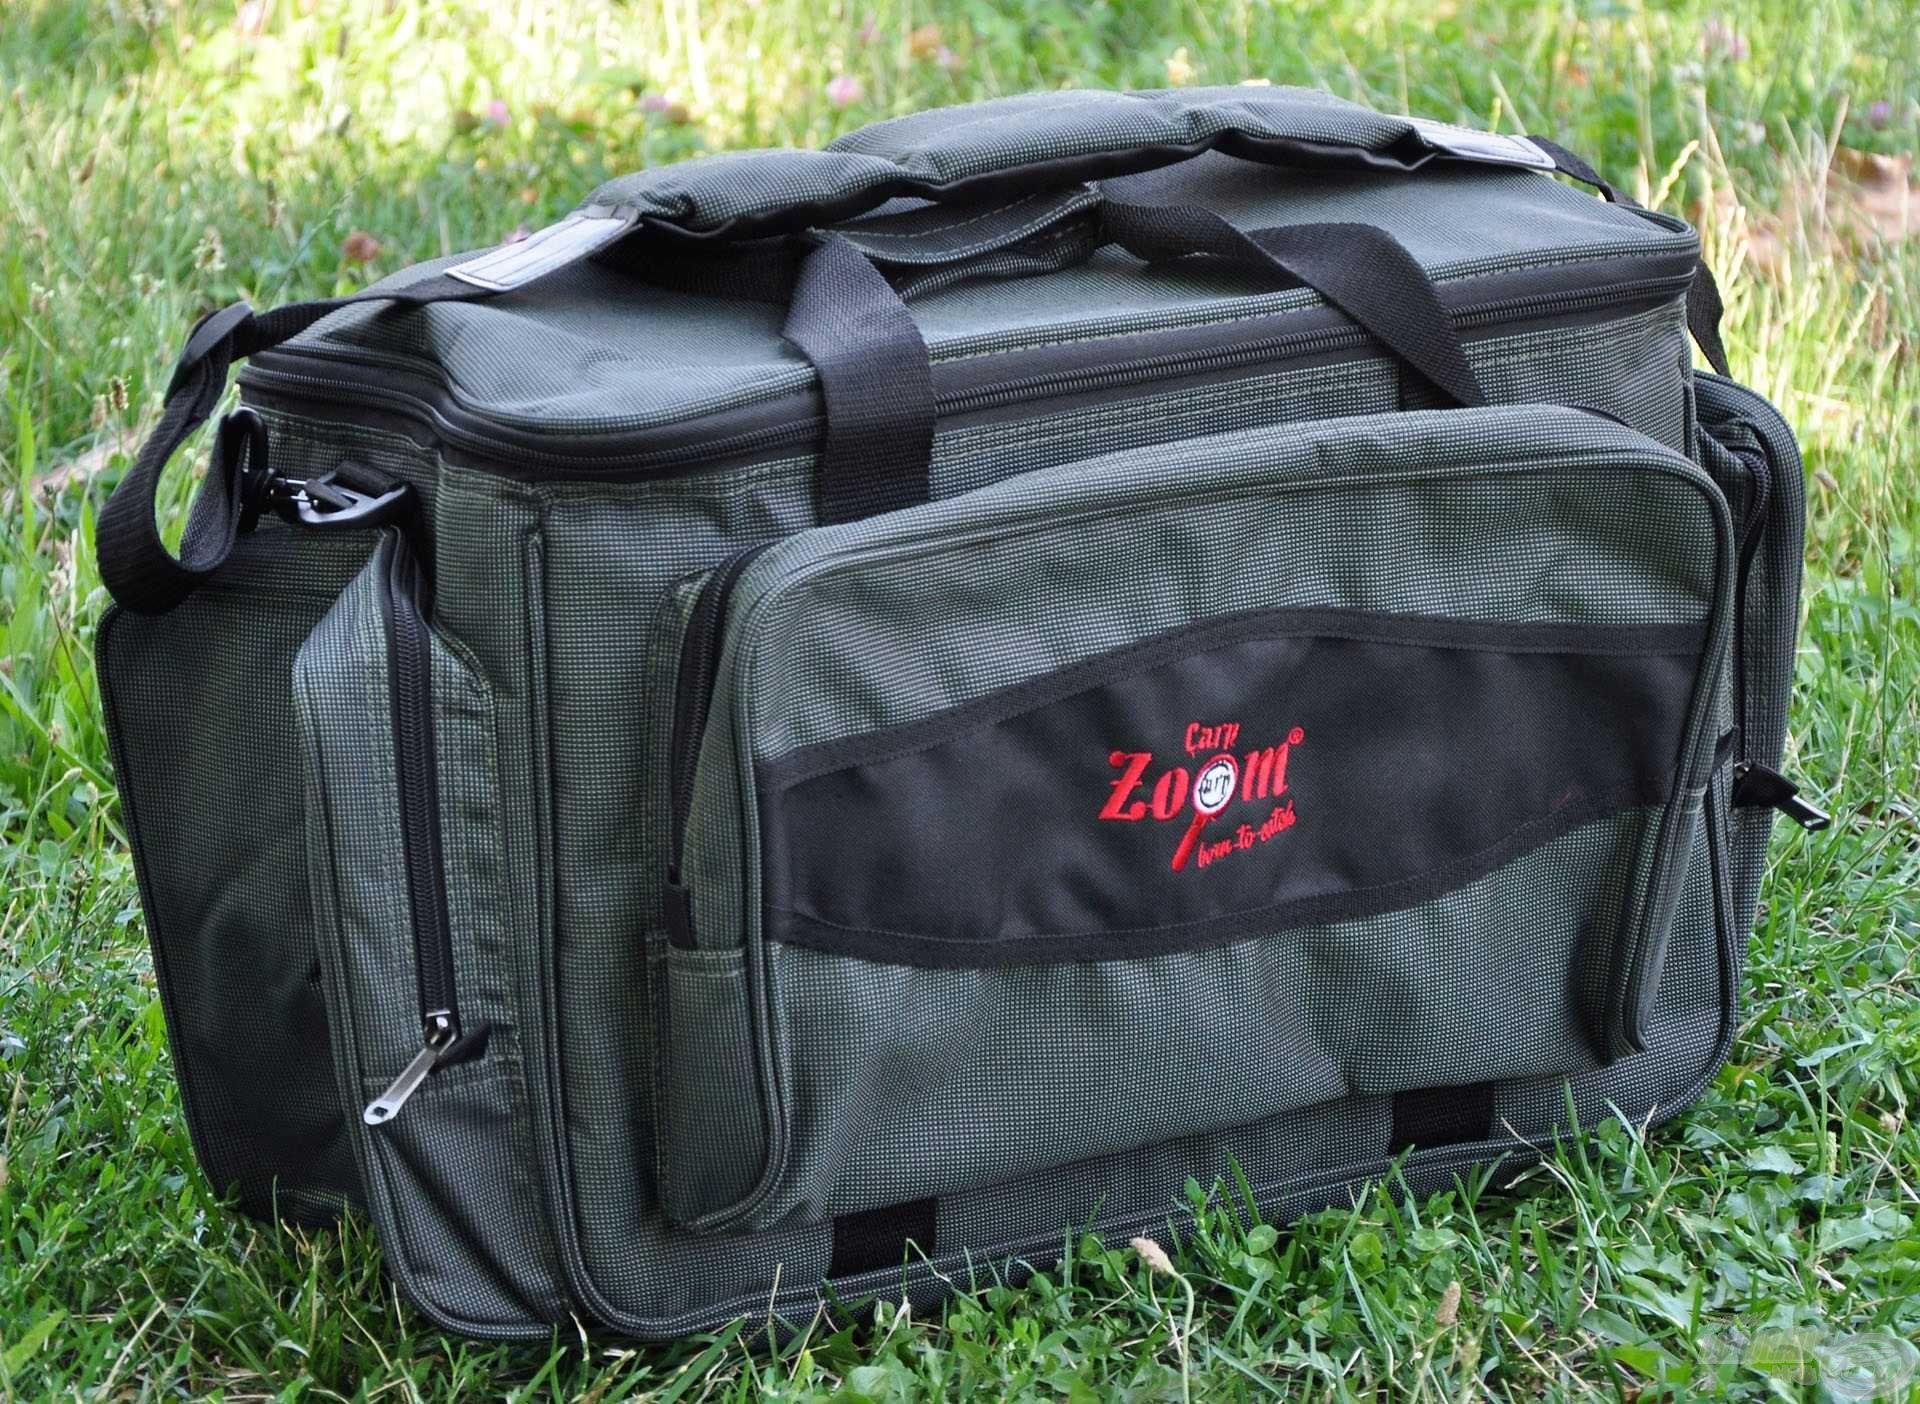 Tetszetős megjelenésű, univerzális táska, ami bármely horgásznál hasznos társ lehet